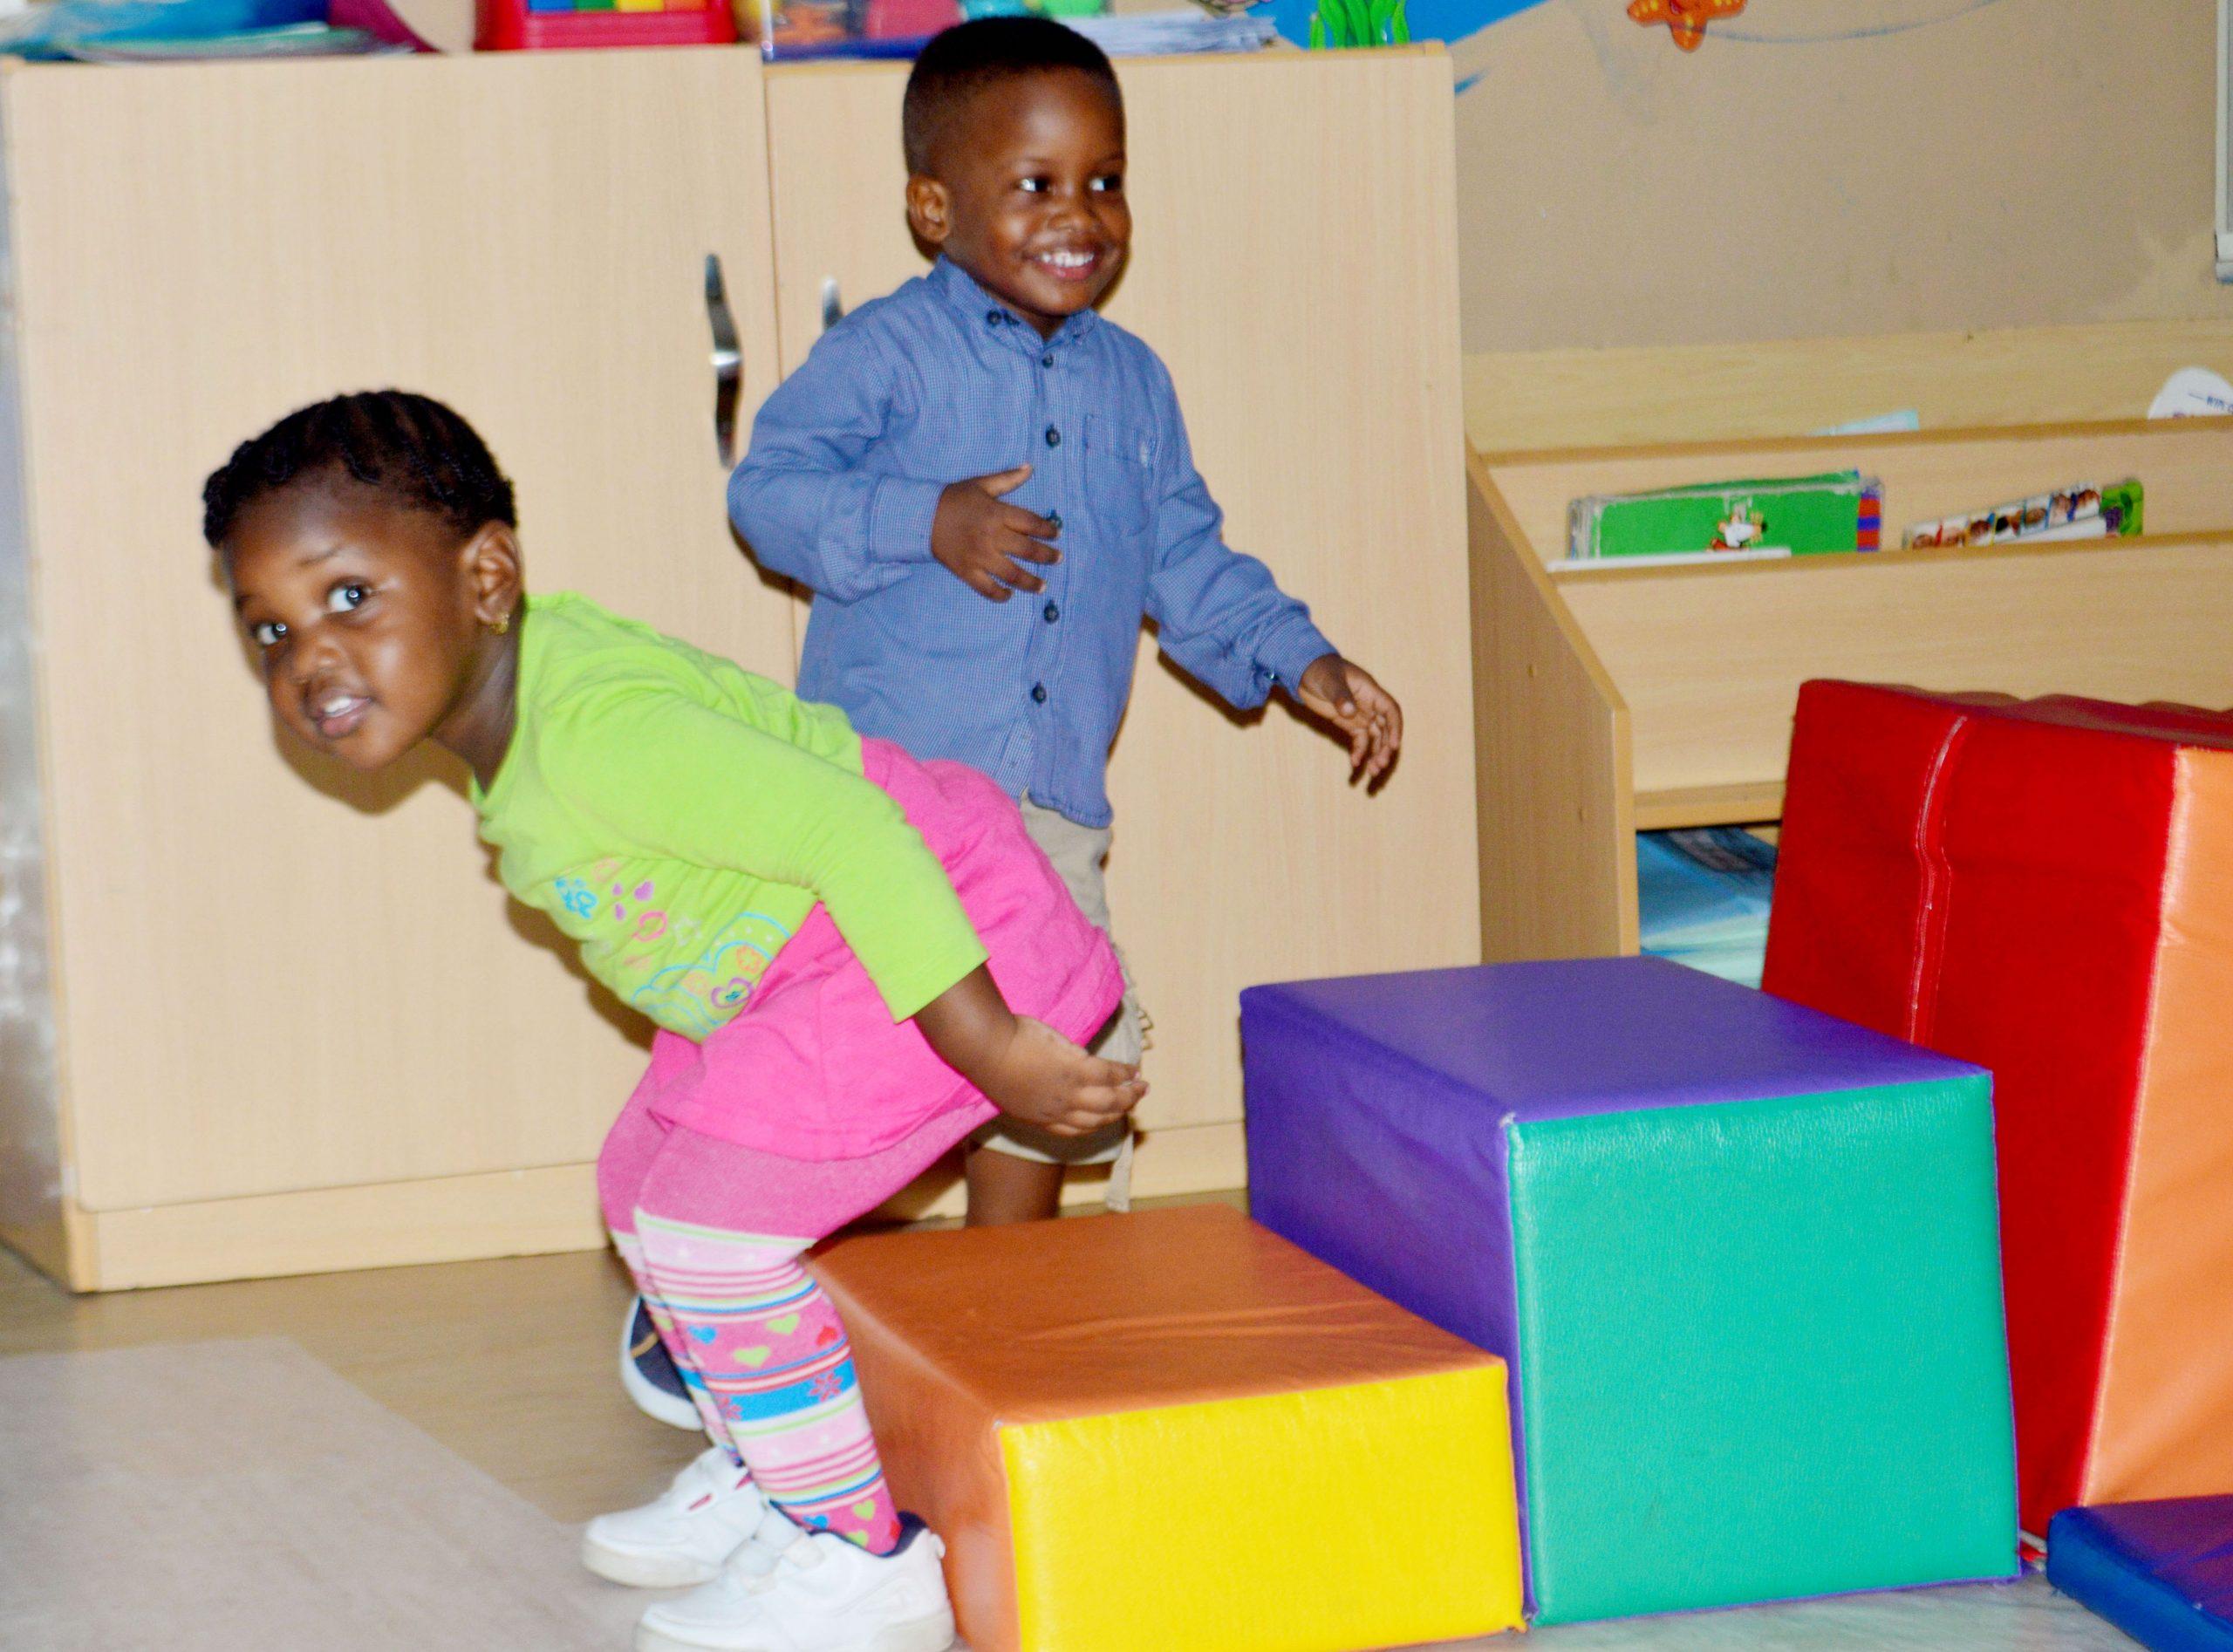 Playing children_5 ways to nurture creativity in your child